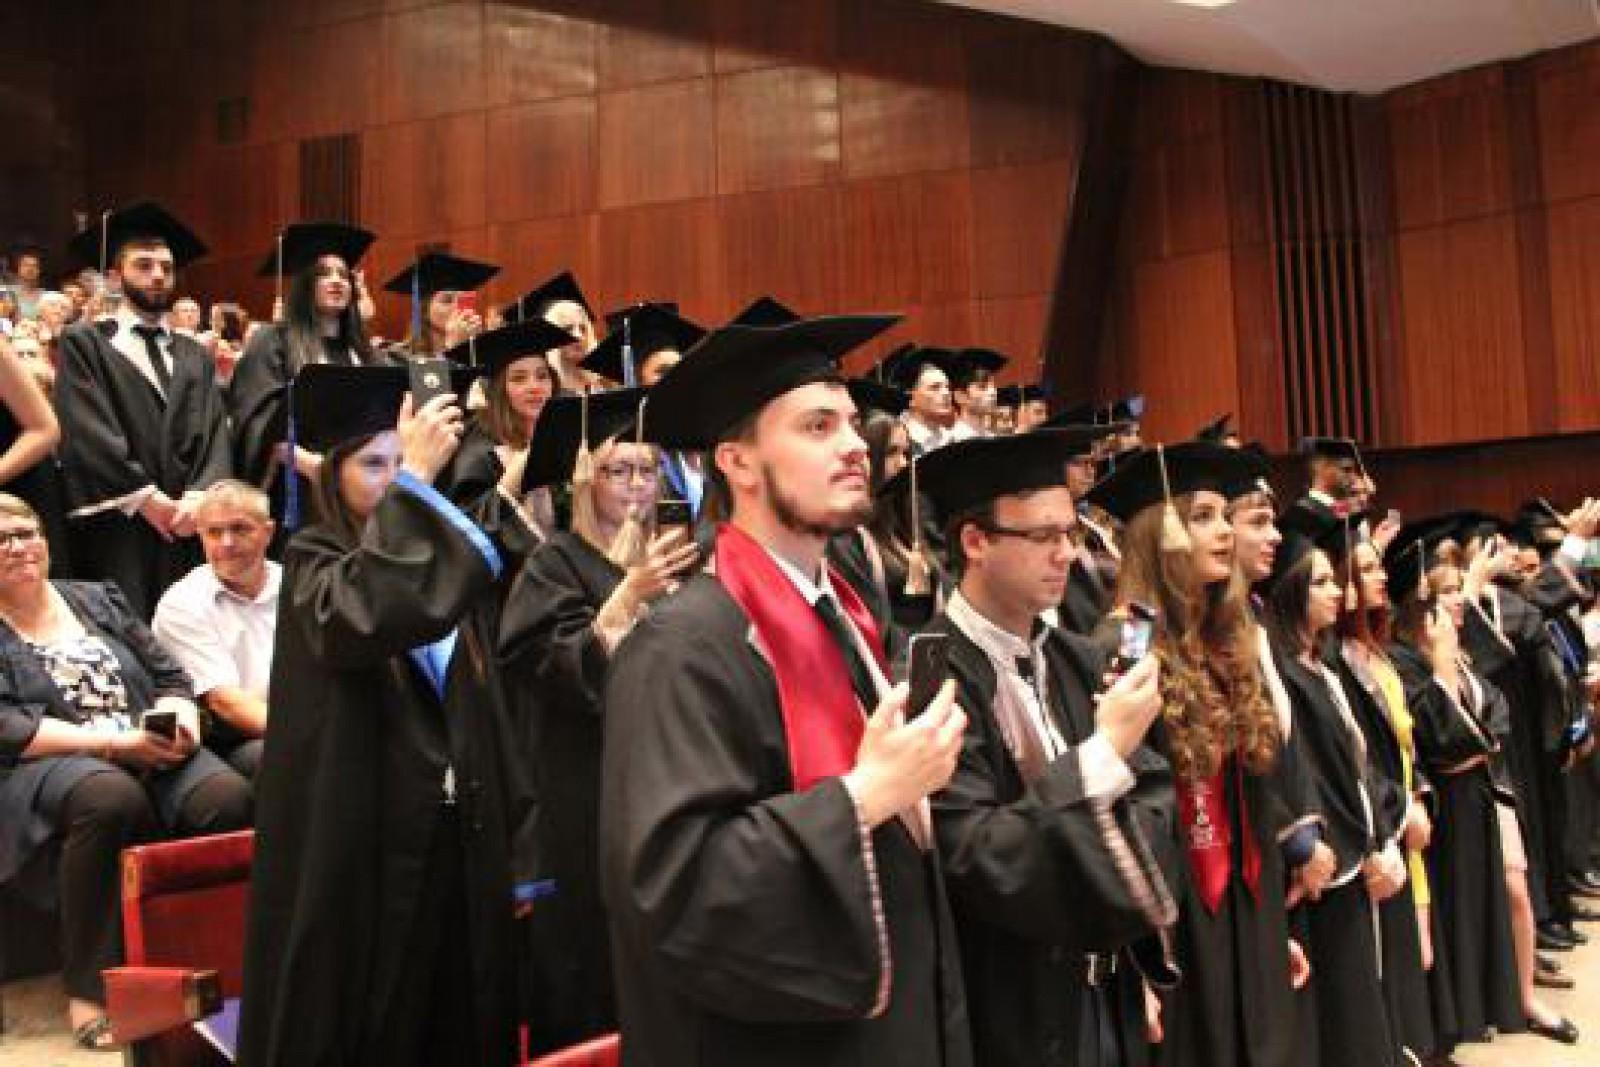 (foto) Aproape o mie de absolvenți, viitori medici, au depus astăzi jurământul lui Hippocrate